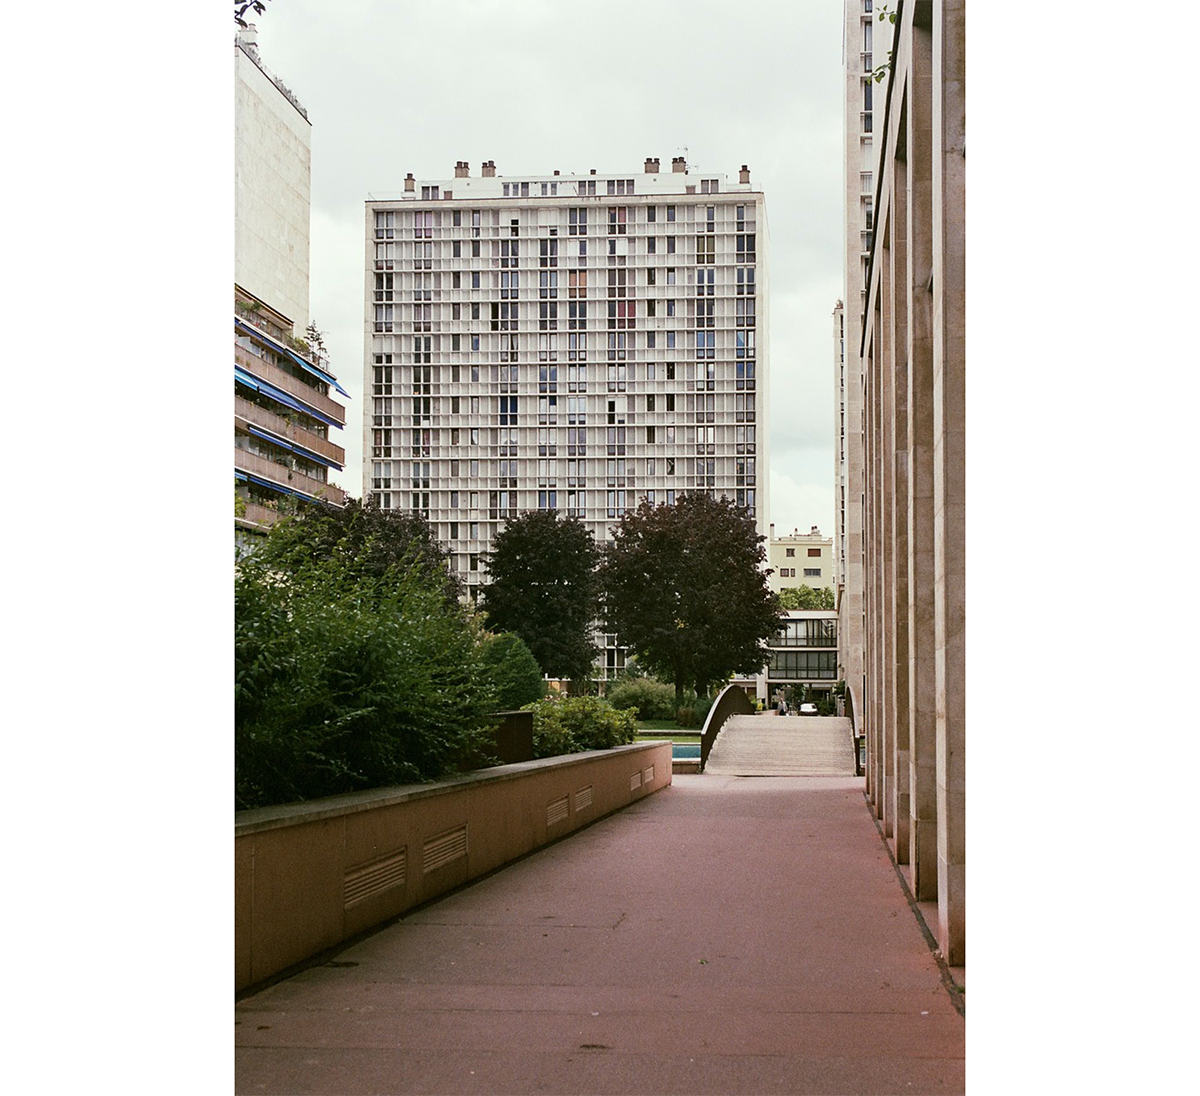 fragments_-le-point-du-jour-hannelore-veelaert-au-pays-des-merveilles-5